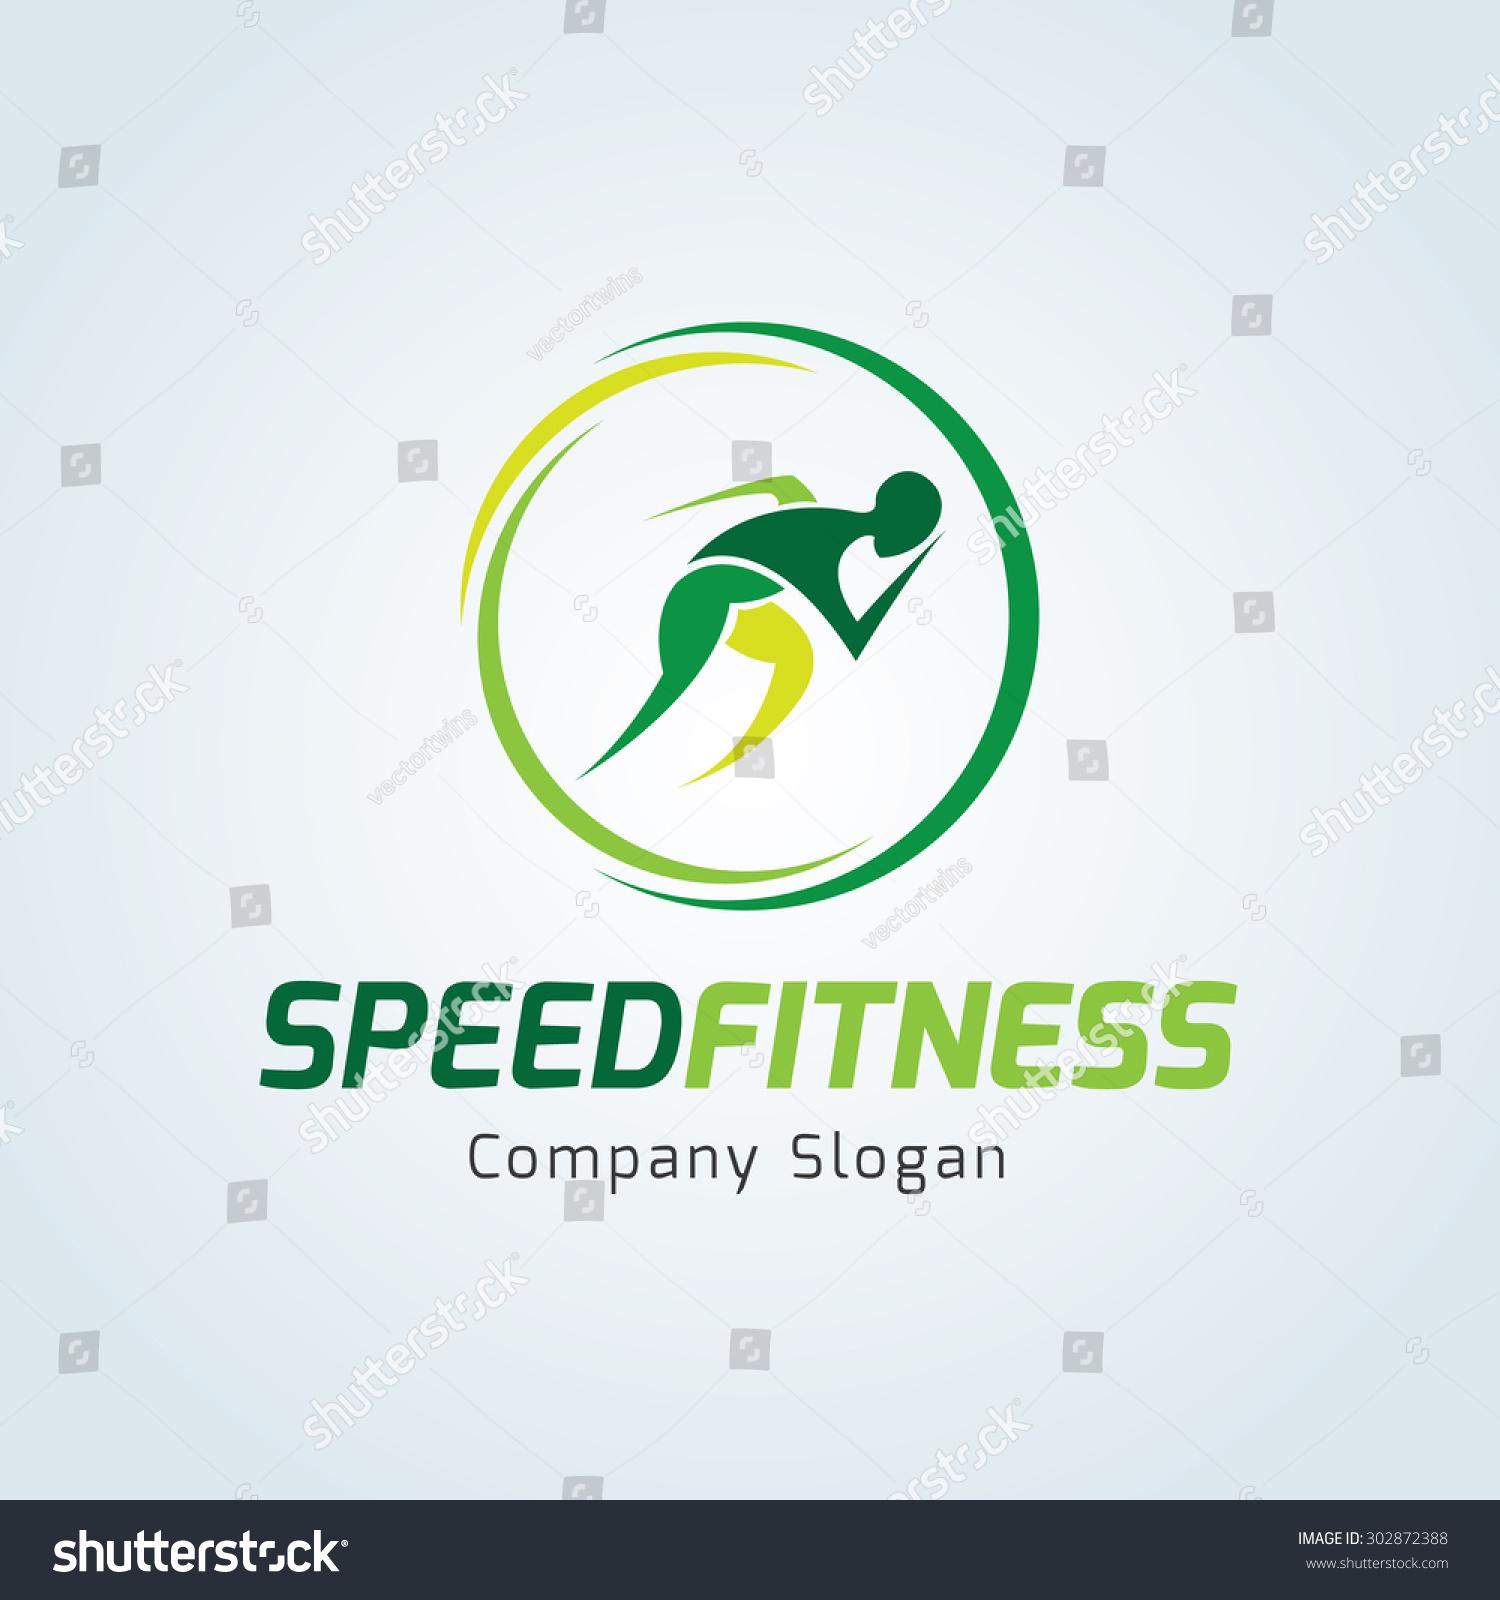 Speed fitness,running logo,sports logo,vector logo design